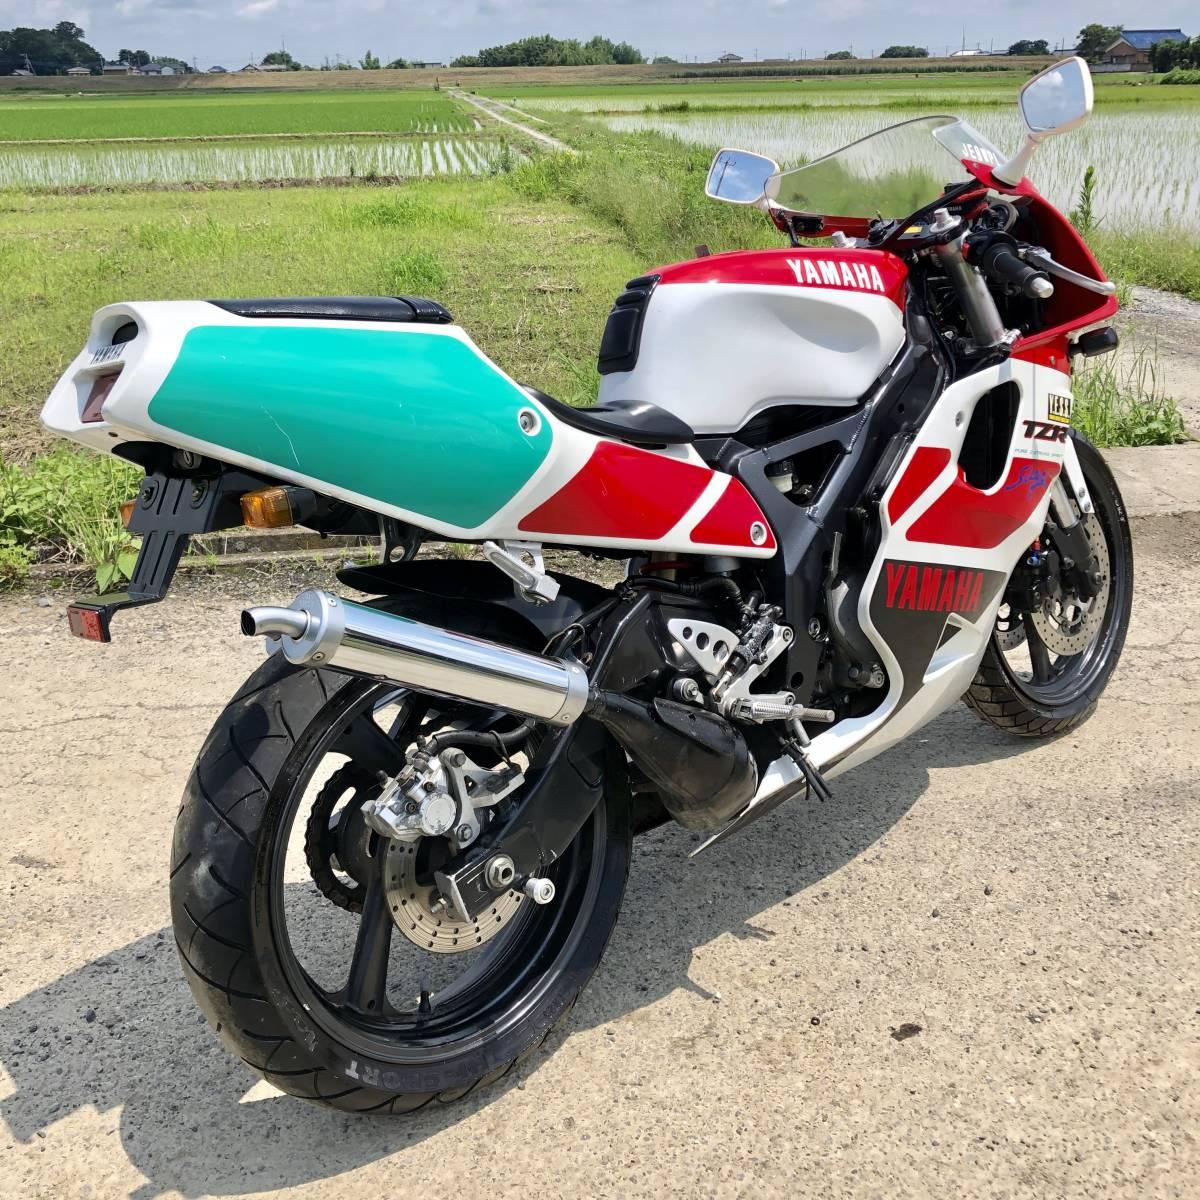 ヤマハTZR250R 3XV 美車 好調 車番600番台 書付き 売り切り1991年 低走行 ホンダスズキカワサキ検)NS TZ RG MVX VT FZR CBR R1Z KR SDR_画像4